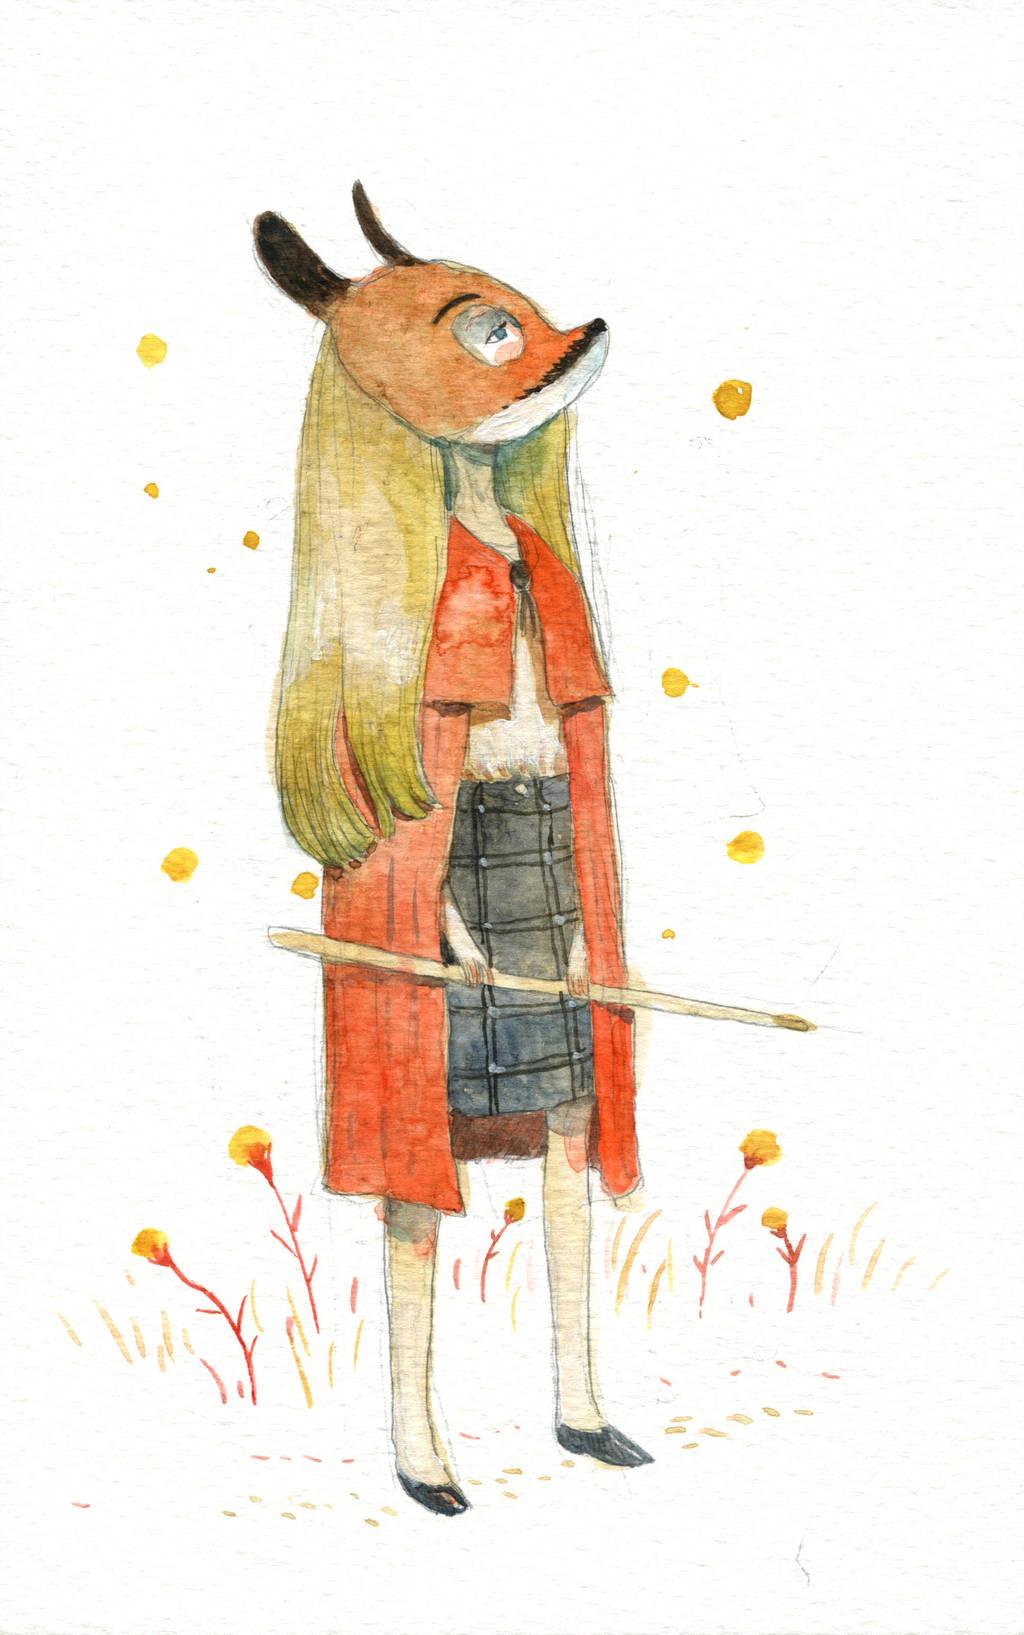 renard by tonysandoval